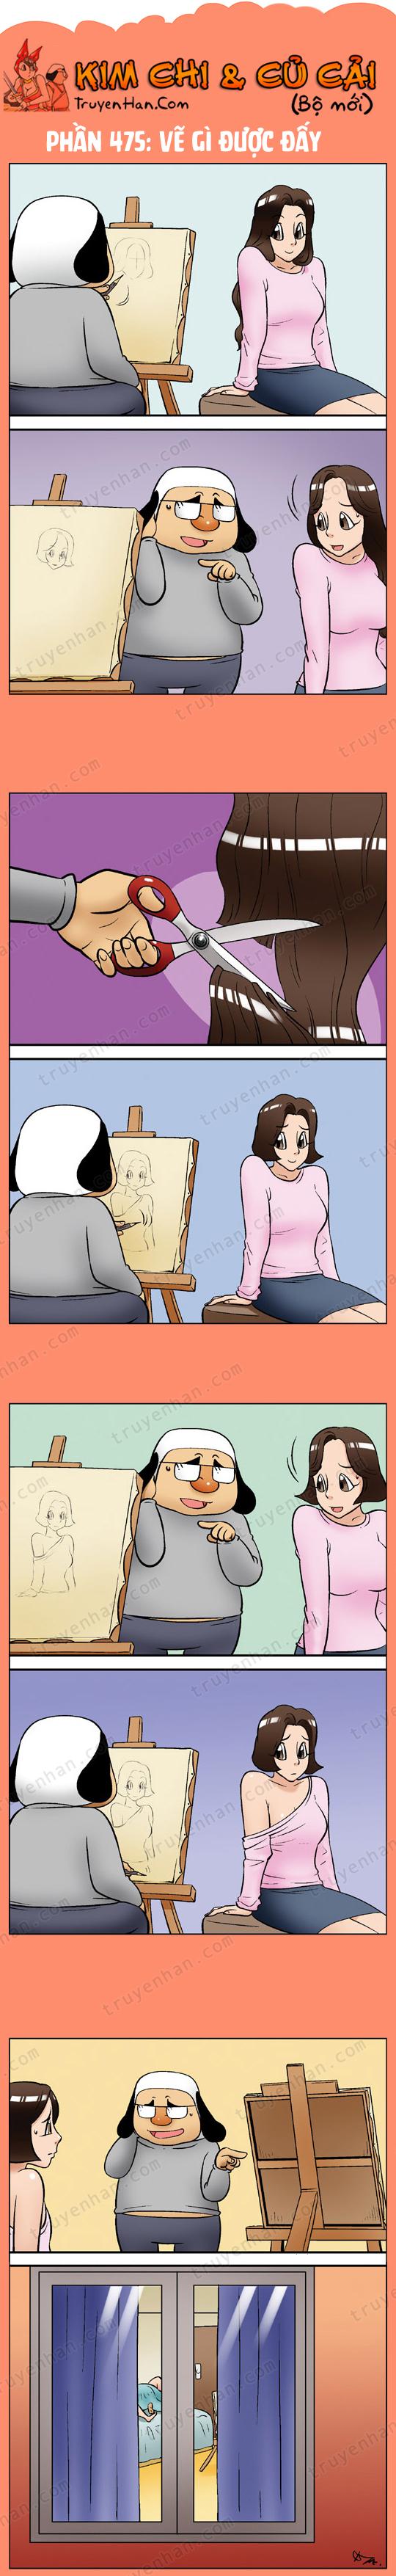 Kim Chi Và Củ Cải phần 475: Vẽ gì được đấy